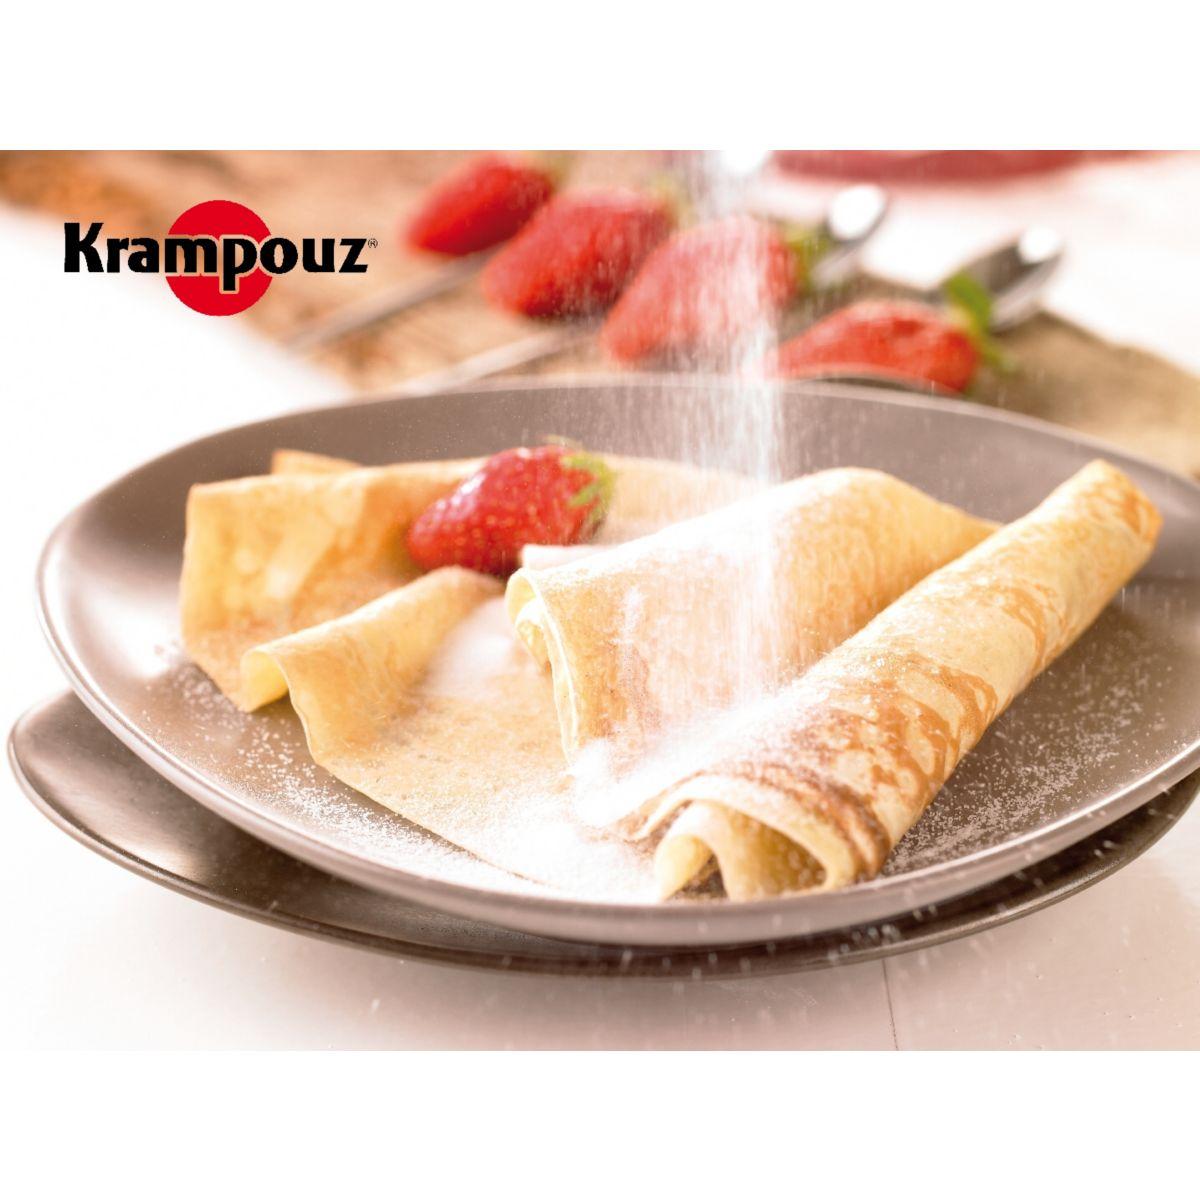 Krampouz Cebpa4 Bilig Crepiere Electrique 40cm Comparer Avec